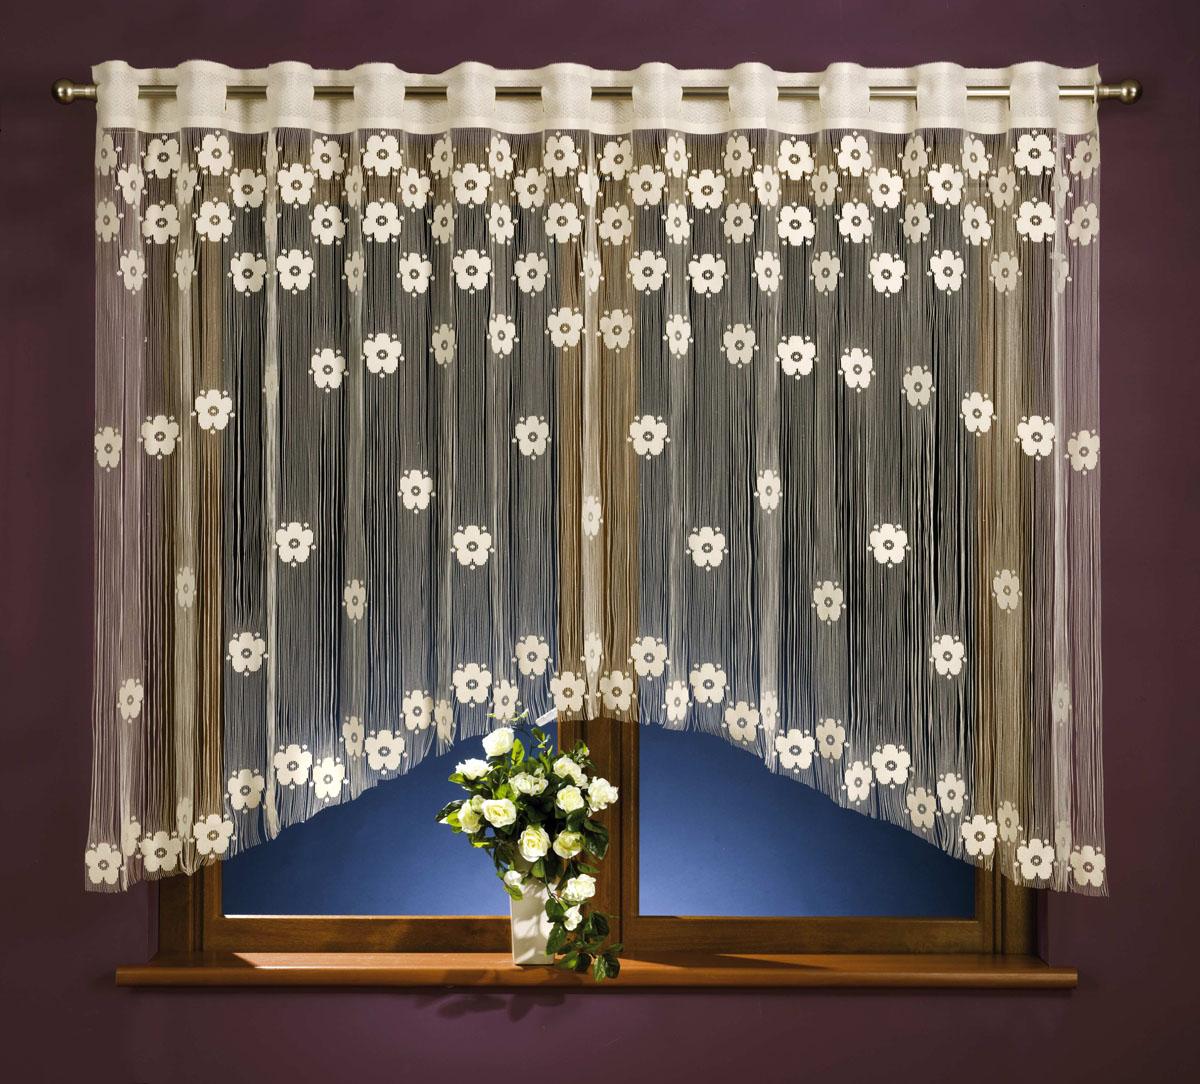 Гардина-лапша Maja, на петлях, цвет: белый, высота 160 смС 4172 - W260 V25Легкая гардина-лапша Maja, изготовленная из полиэстера белого цвета, станет великолепным украшением любого окна. Тонкое плетение, оригинальный дизайн привлекут к себе внимание и органично впишутся в интерьер комнаты. Гардина-лапша оснащена петлями для крепления на круглый карниз. Характеристики:Материал: 100% полиэстер. Цвет: белый. Высота петли: 5,5 см. Размер упаковки:27 см х 36 см х 4 см. Артикул: 676040.В комплект входит: Гардина-лапша - 1 шт. Размер (ШхВ): 270 см х 160 см. Фирма Wisan на польском рынке существует уже более пятидесяти лет и является одной из лучших польских фабрик по производству штор и тканей. Ассортимент фирмы представлен готовыми комплектами штор для гостиной, детской, кухни, а также текстилем для кухни (скатерти, салфетки, дорожки, кухонные занавески). Модельный ряд отличает оригинальный дизайн, высокое качество.Ассортимент продукции постоянно пополняется.УВАЖАЕМЫЕ КЛИЕНТЫ!Обращаем ваше внимание на цвет изделия. Цветовой вариант гардины, данной в интерьере, служит для визуального восприятия товара. Цветовая гамма данной гардины представлена на отдельном изображении фрагментом ткани.